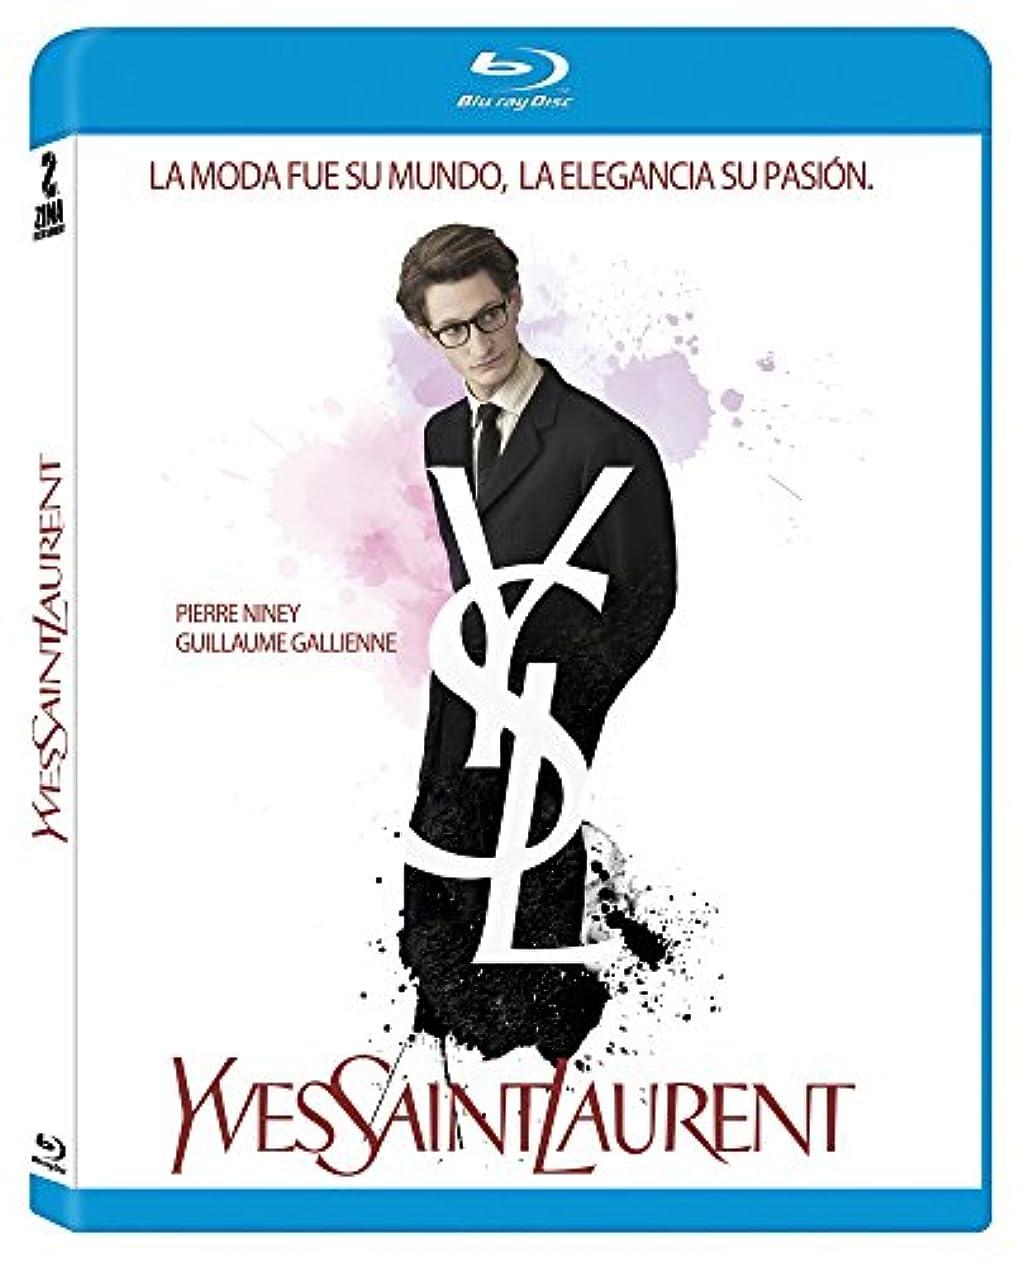 王女膨張する反対Yves Saint Laurent Movie Blu Ray (Multiregion) (French Audio with Spanish Subtitles / No English Options)